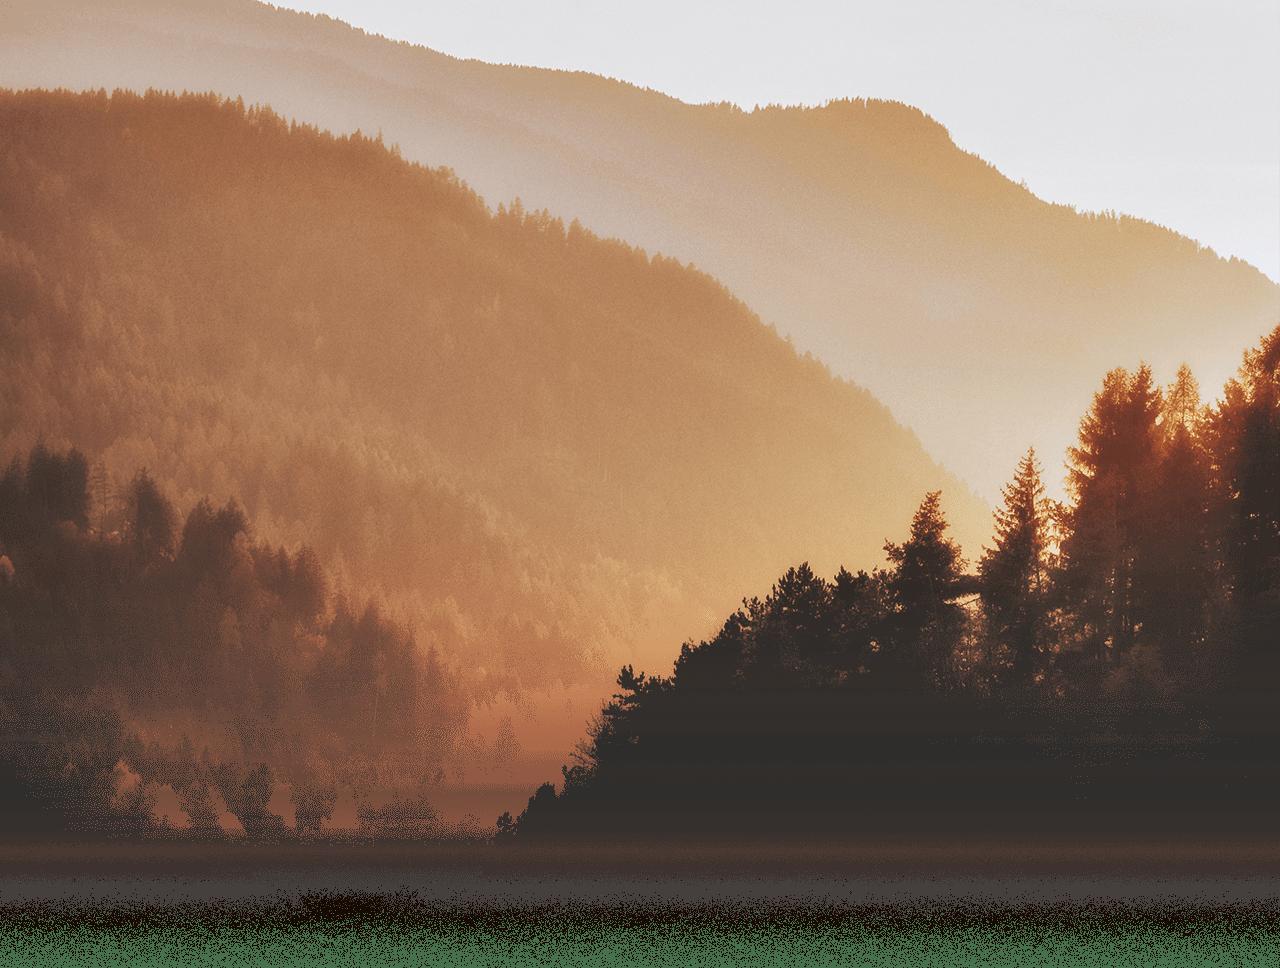 Sunset on mountainside